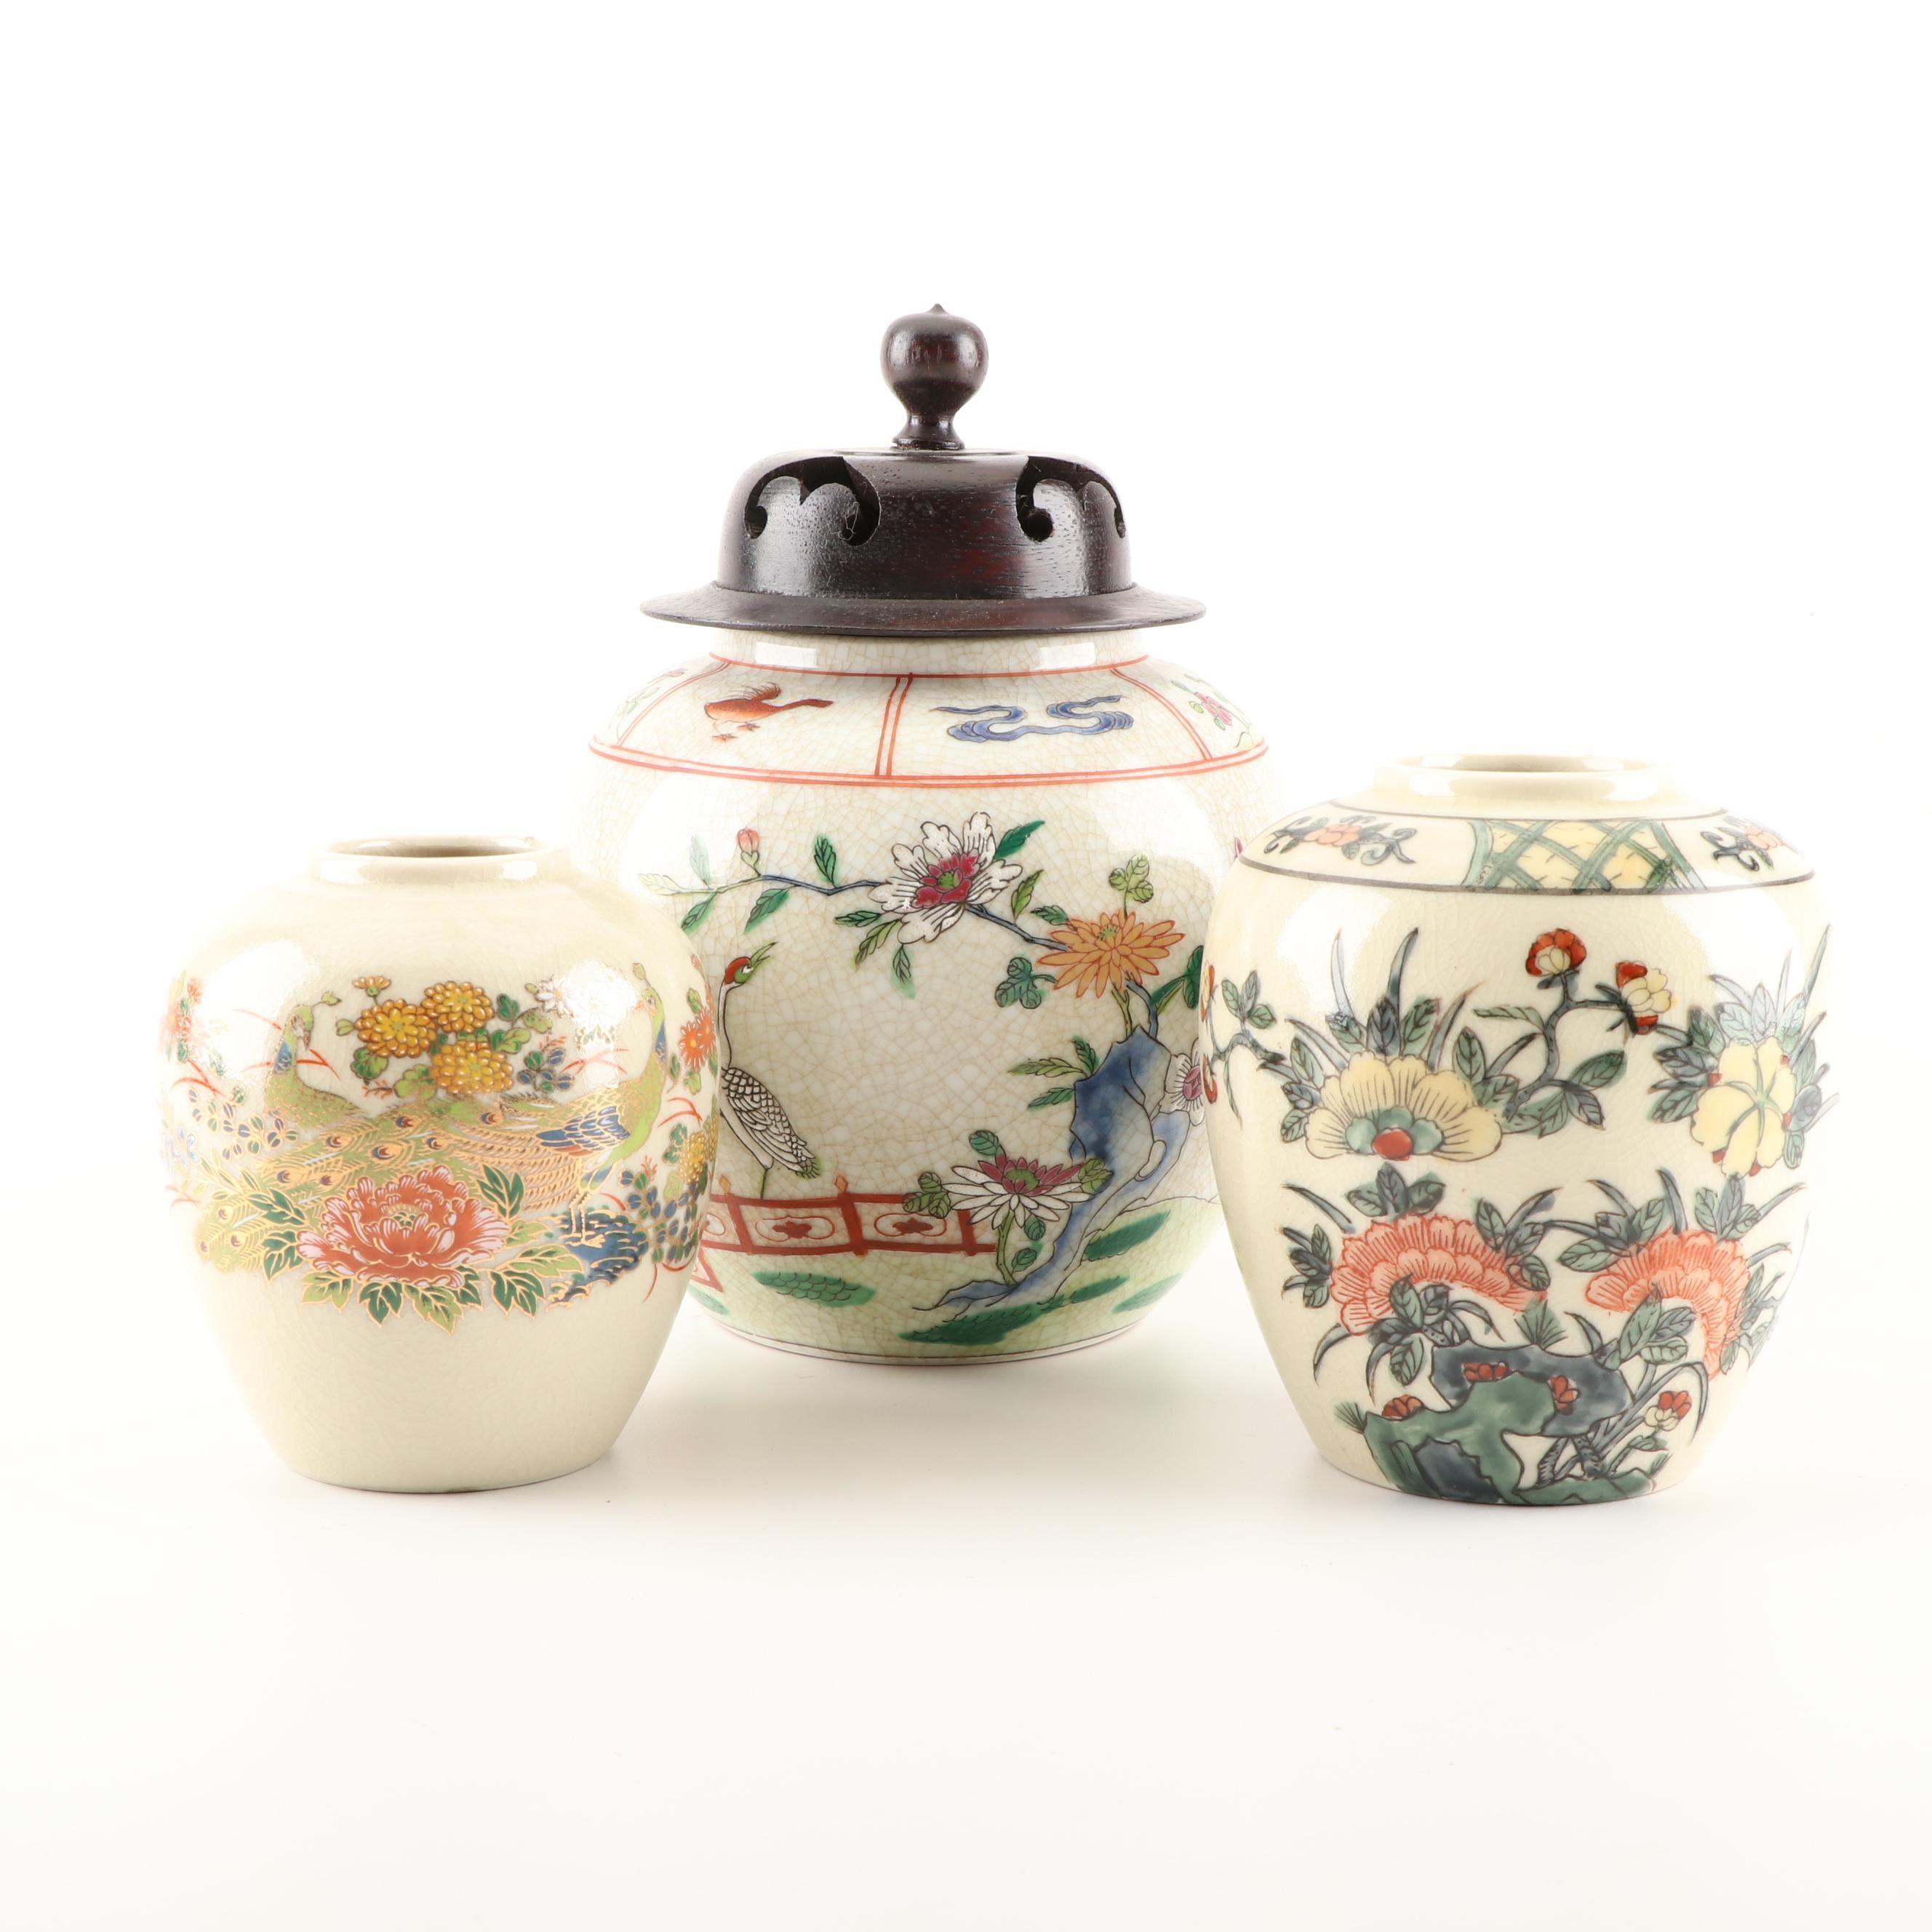 East Asian Ceramic Jars Including Hong Horizons